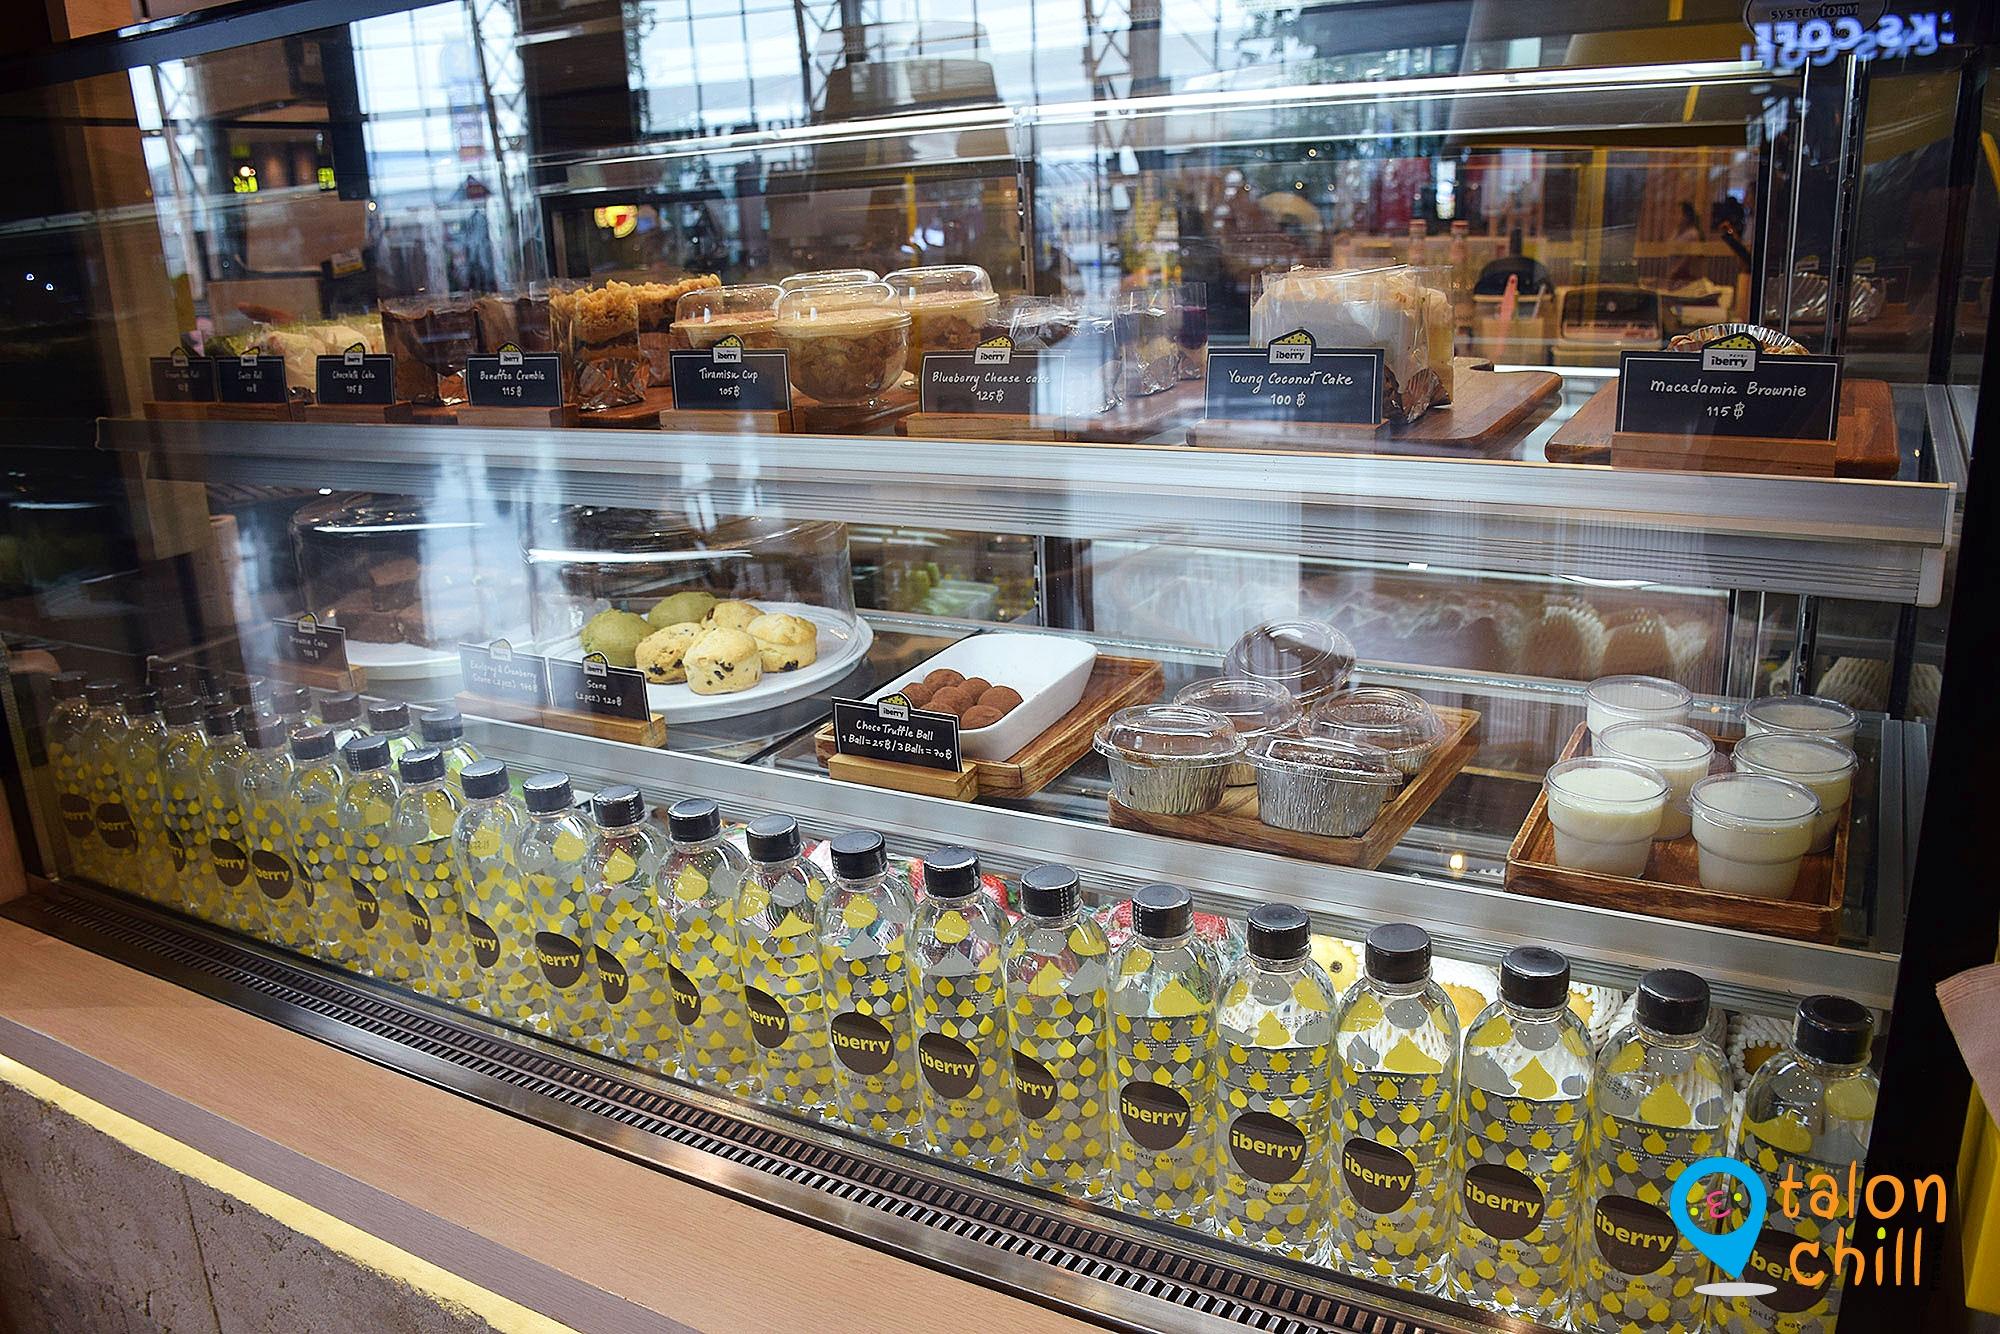 [ตะลุยแหลก] หลบฝนคลายร้อนกับร้าน Iberry Cafe (ไอเบอรี่ คาเฟ่) เซ็นทรัลพลาซ่า เวสเกตต์